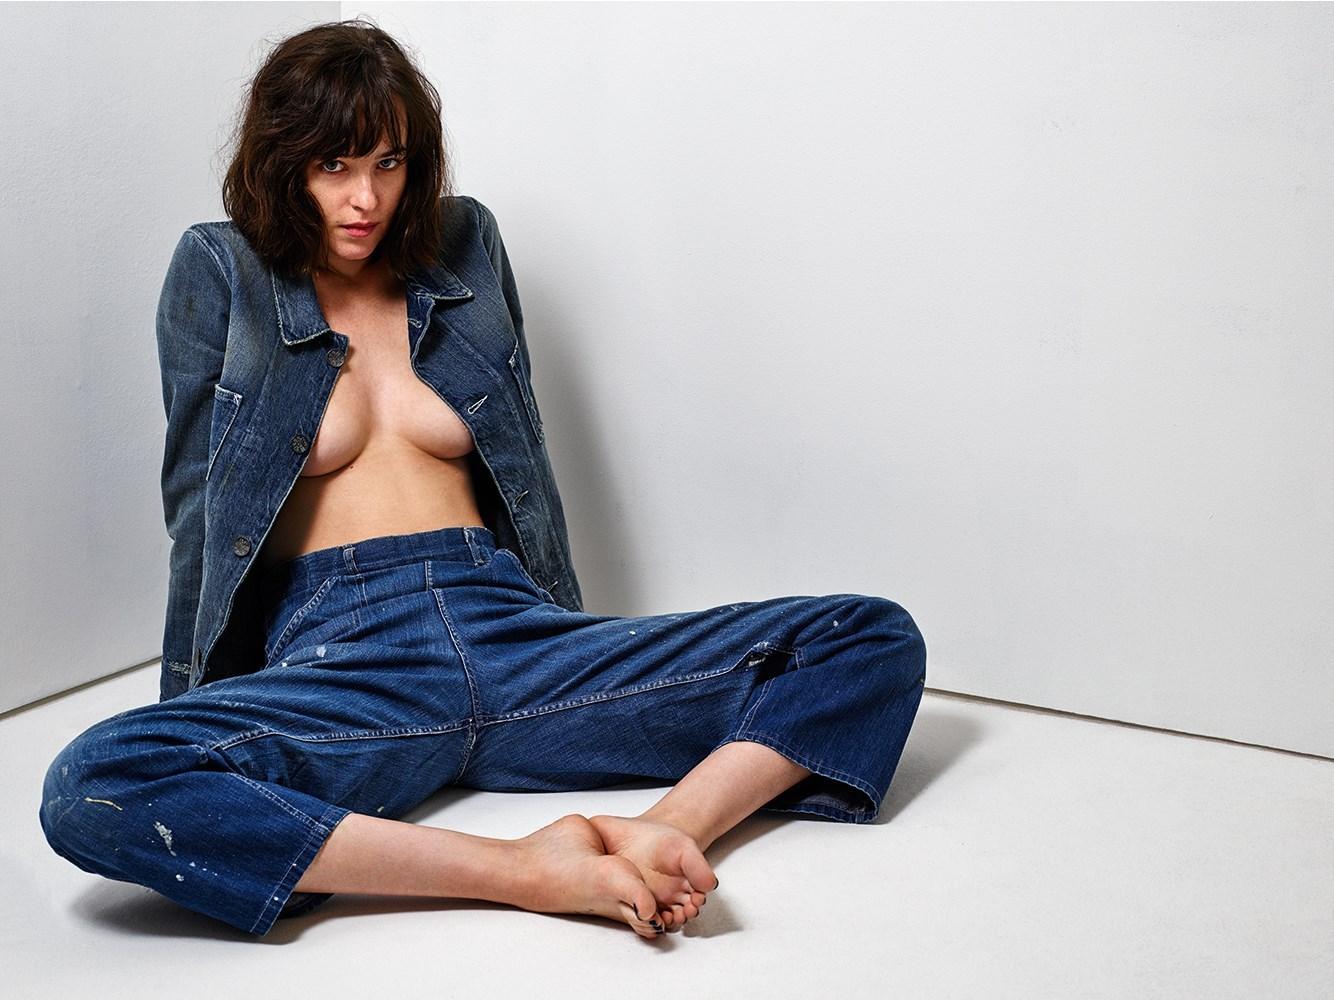 Dakota Johnson Topless (2 Photos)